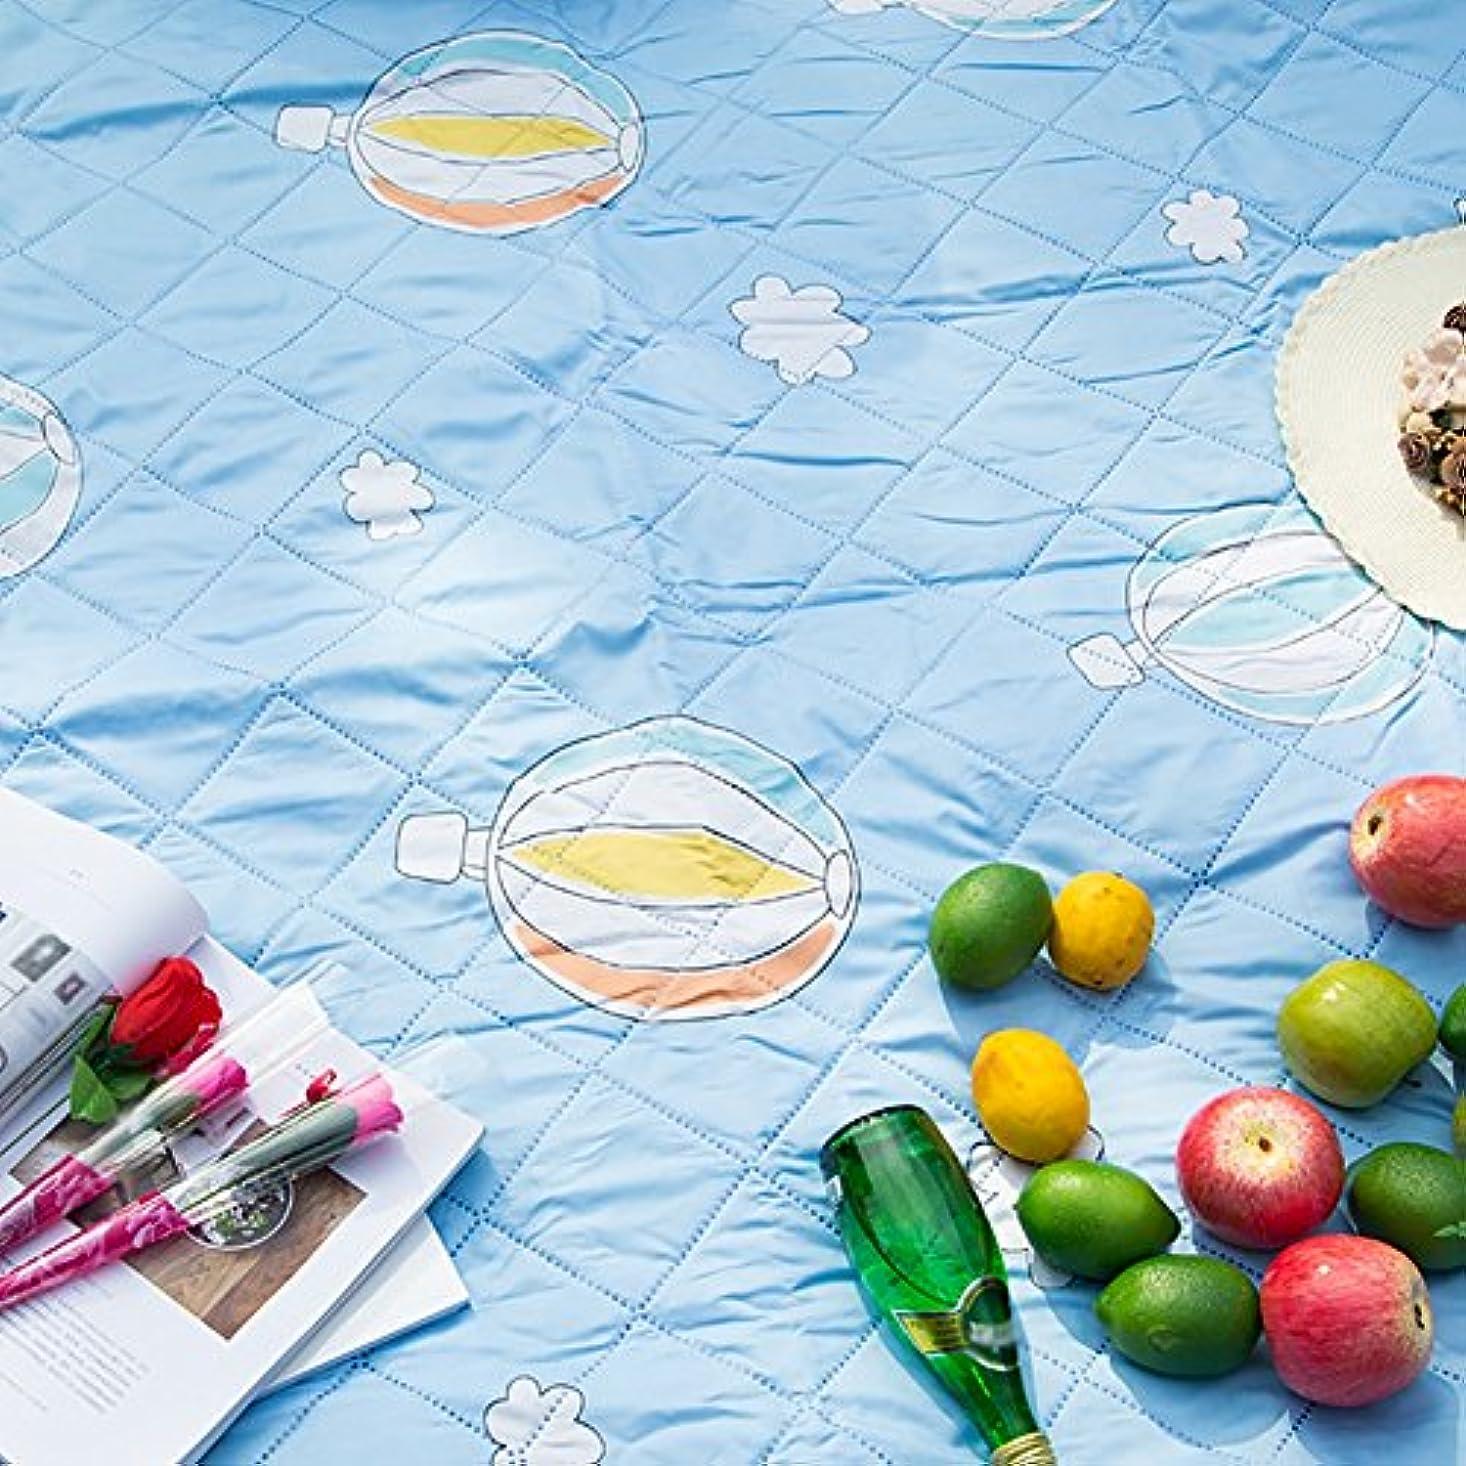 申込み本土省略する屋外ポータブルスプリングアウトマットThicken Moistureproof Matピクニックマット芝生キャンピングピクニック布